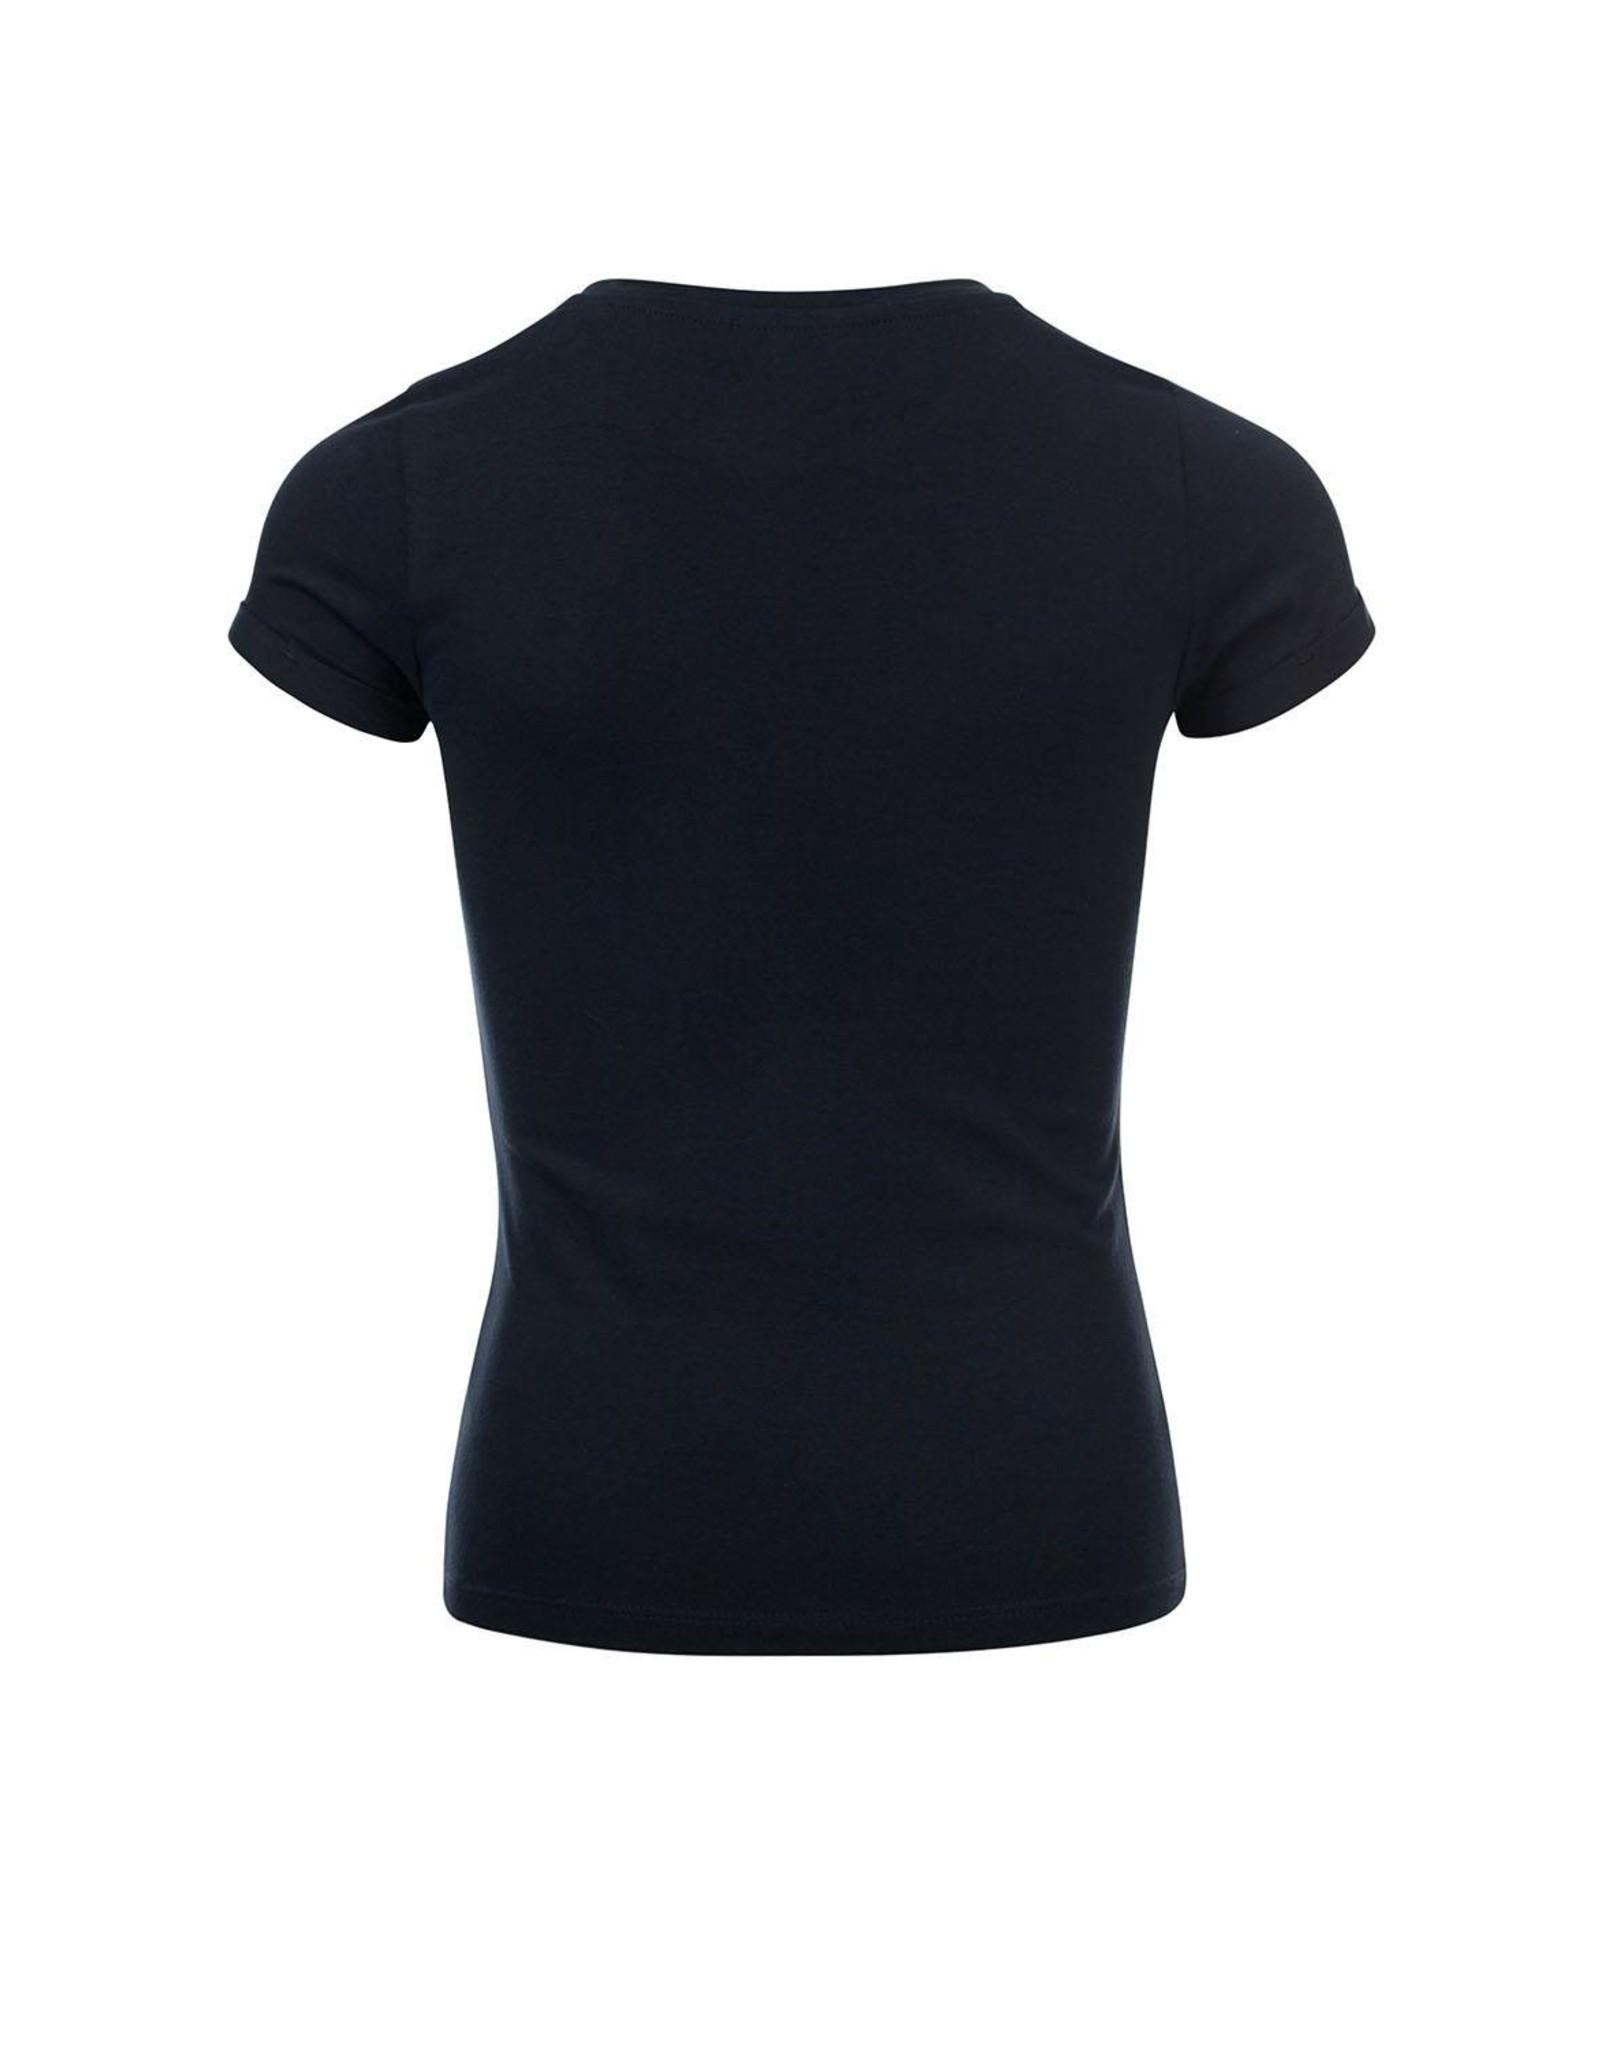 Looxs 10SIXTEEN 10Sixteen T-shirt oxford blue